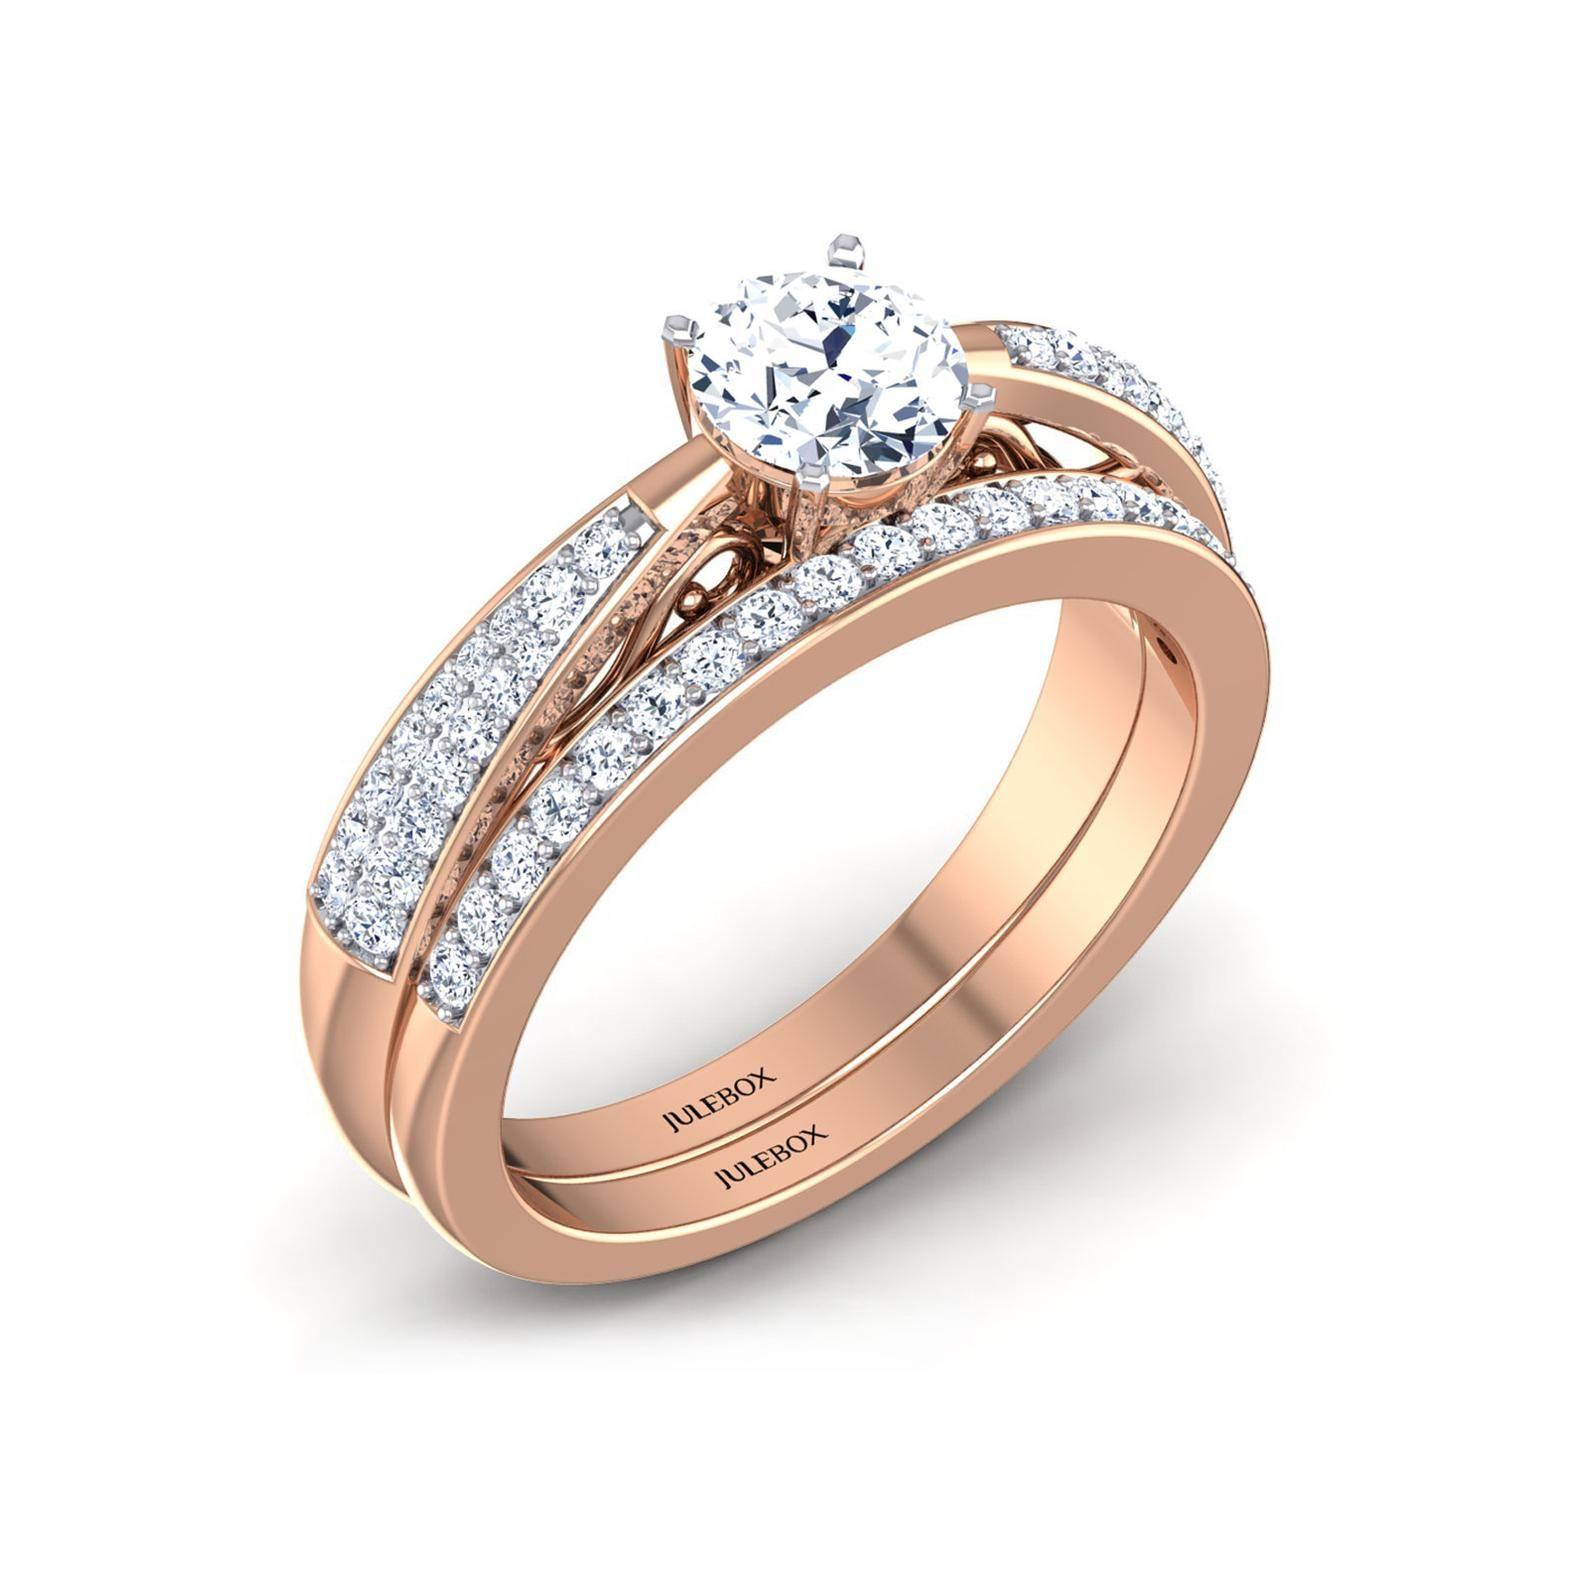 Womens Wedding Ring, Ladies Rose Gold Bridal Ring Set